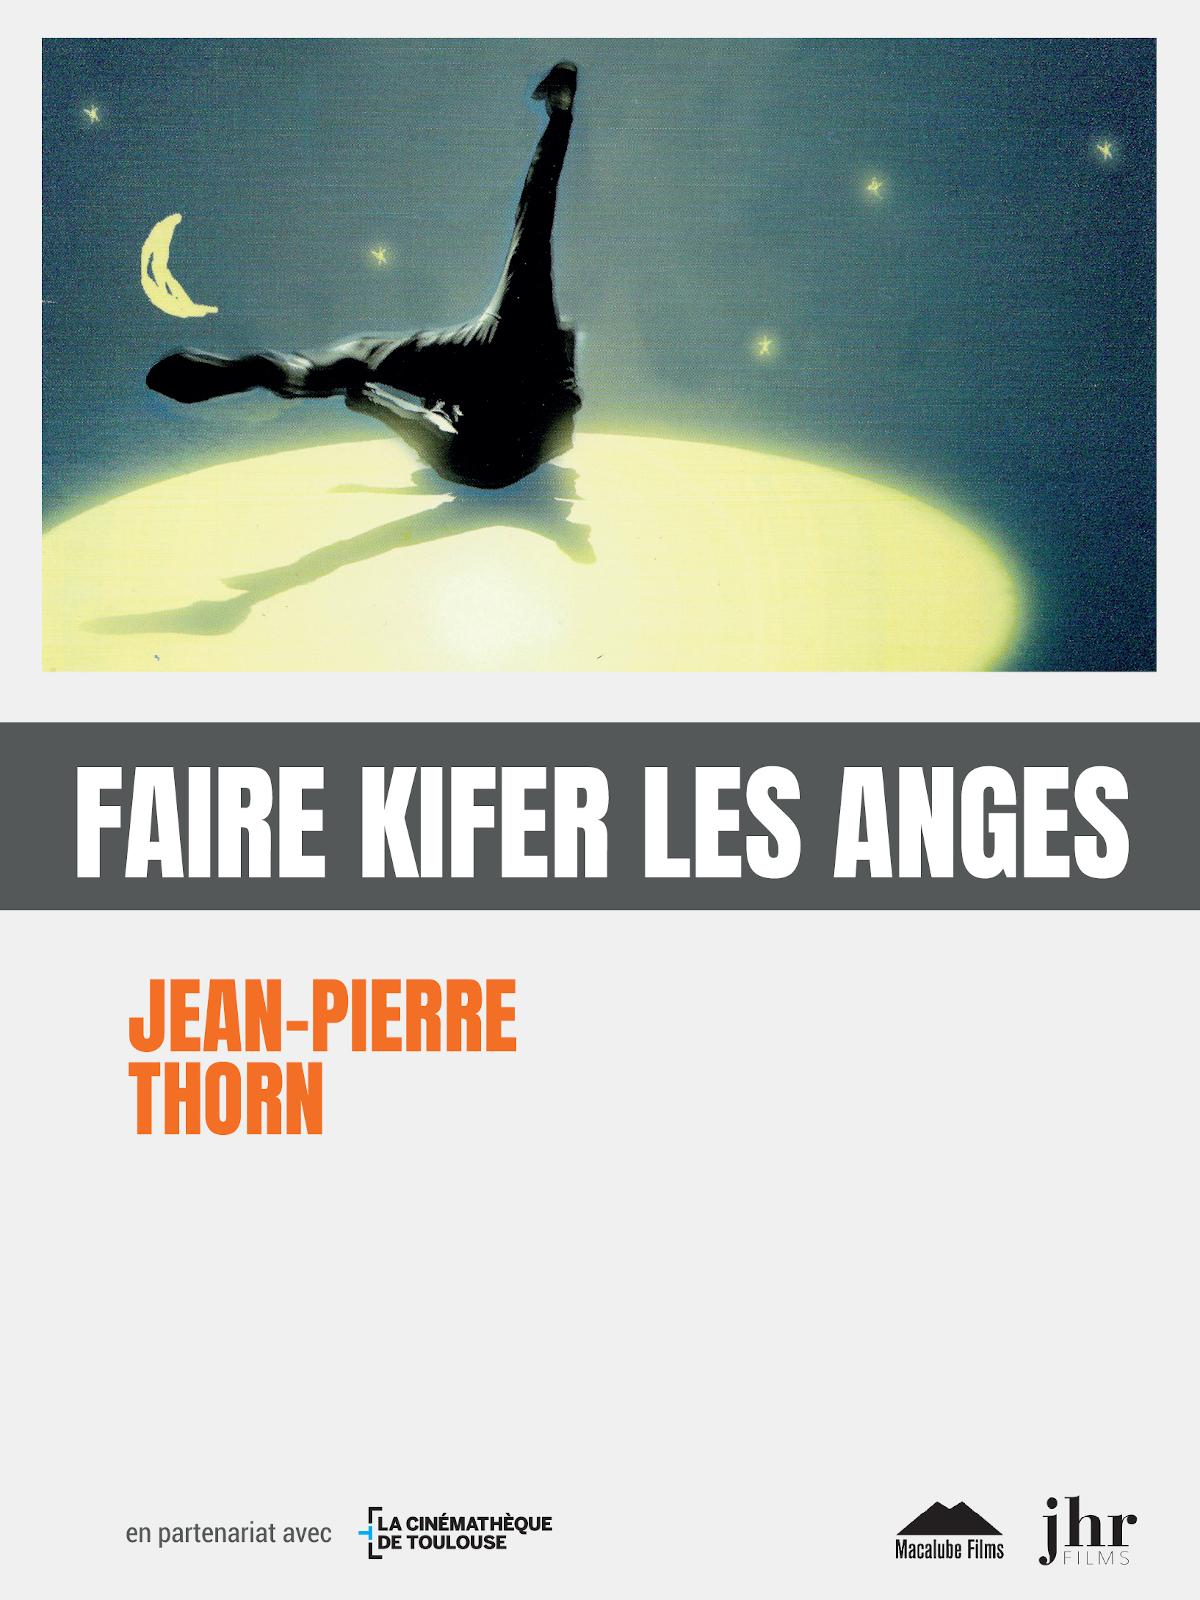 Faire kifer les anges | Thorn, Jean-Pierre (Réalisateur)